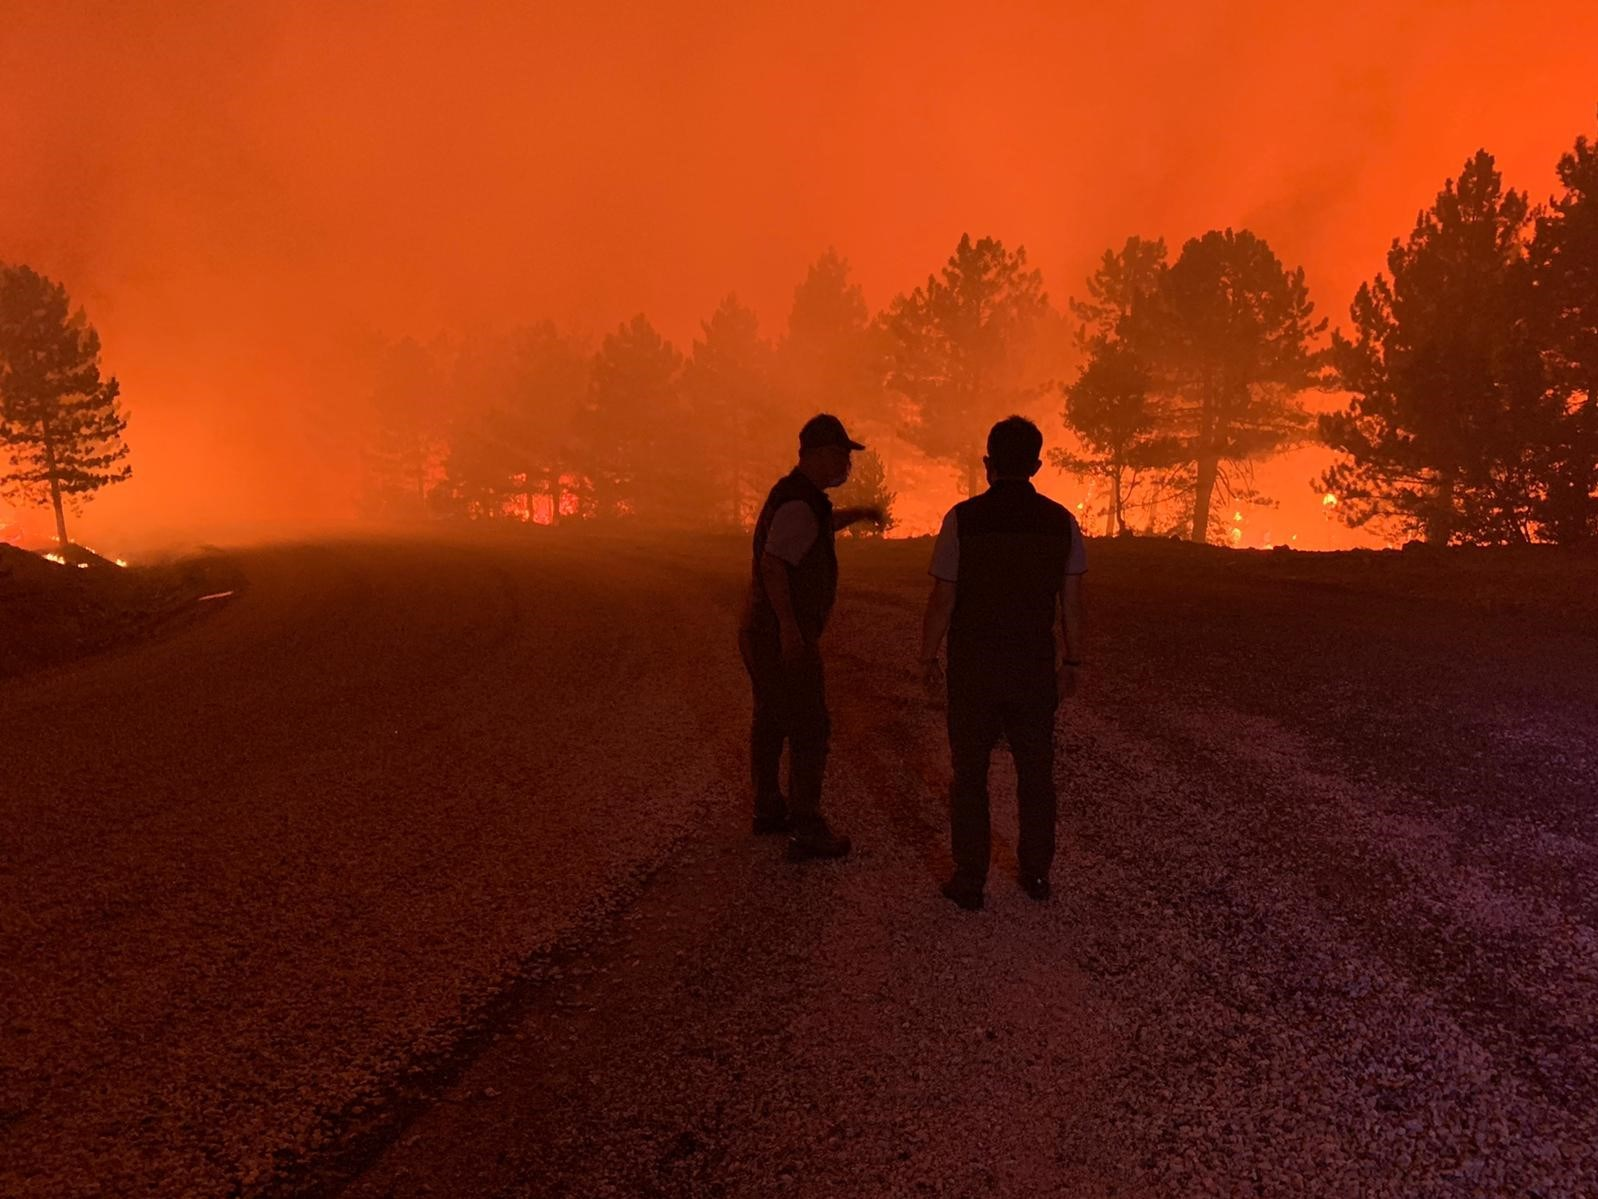 Tarım ve Orman Bakanı Bekir Pakdemirli, Denizli'deki orman yangını bölgesinde